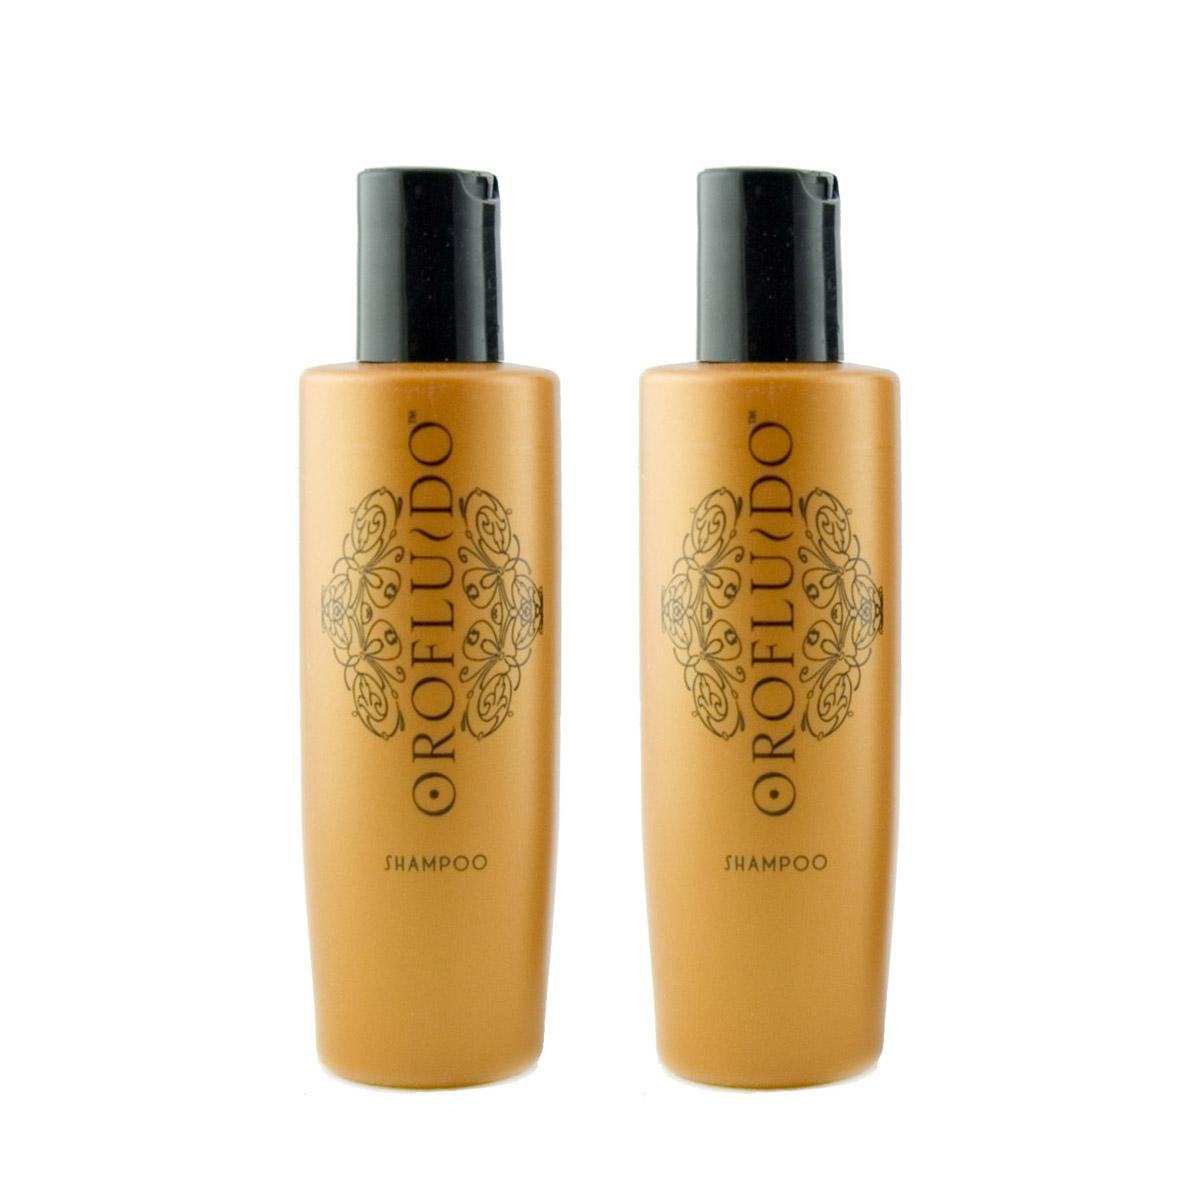 Orofluido Shampoo 2 x 200 ml